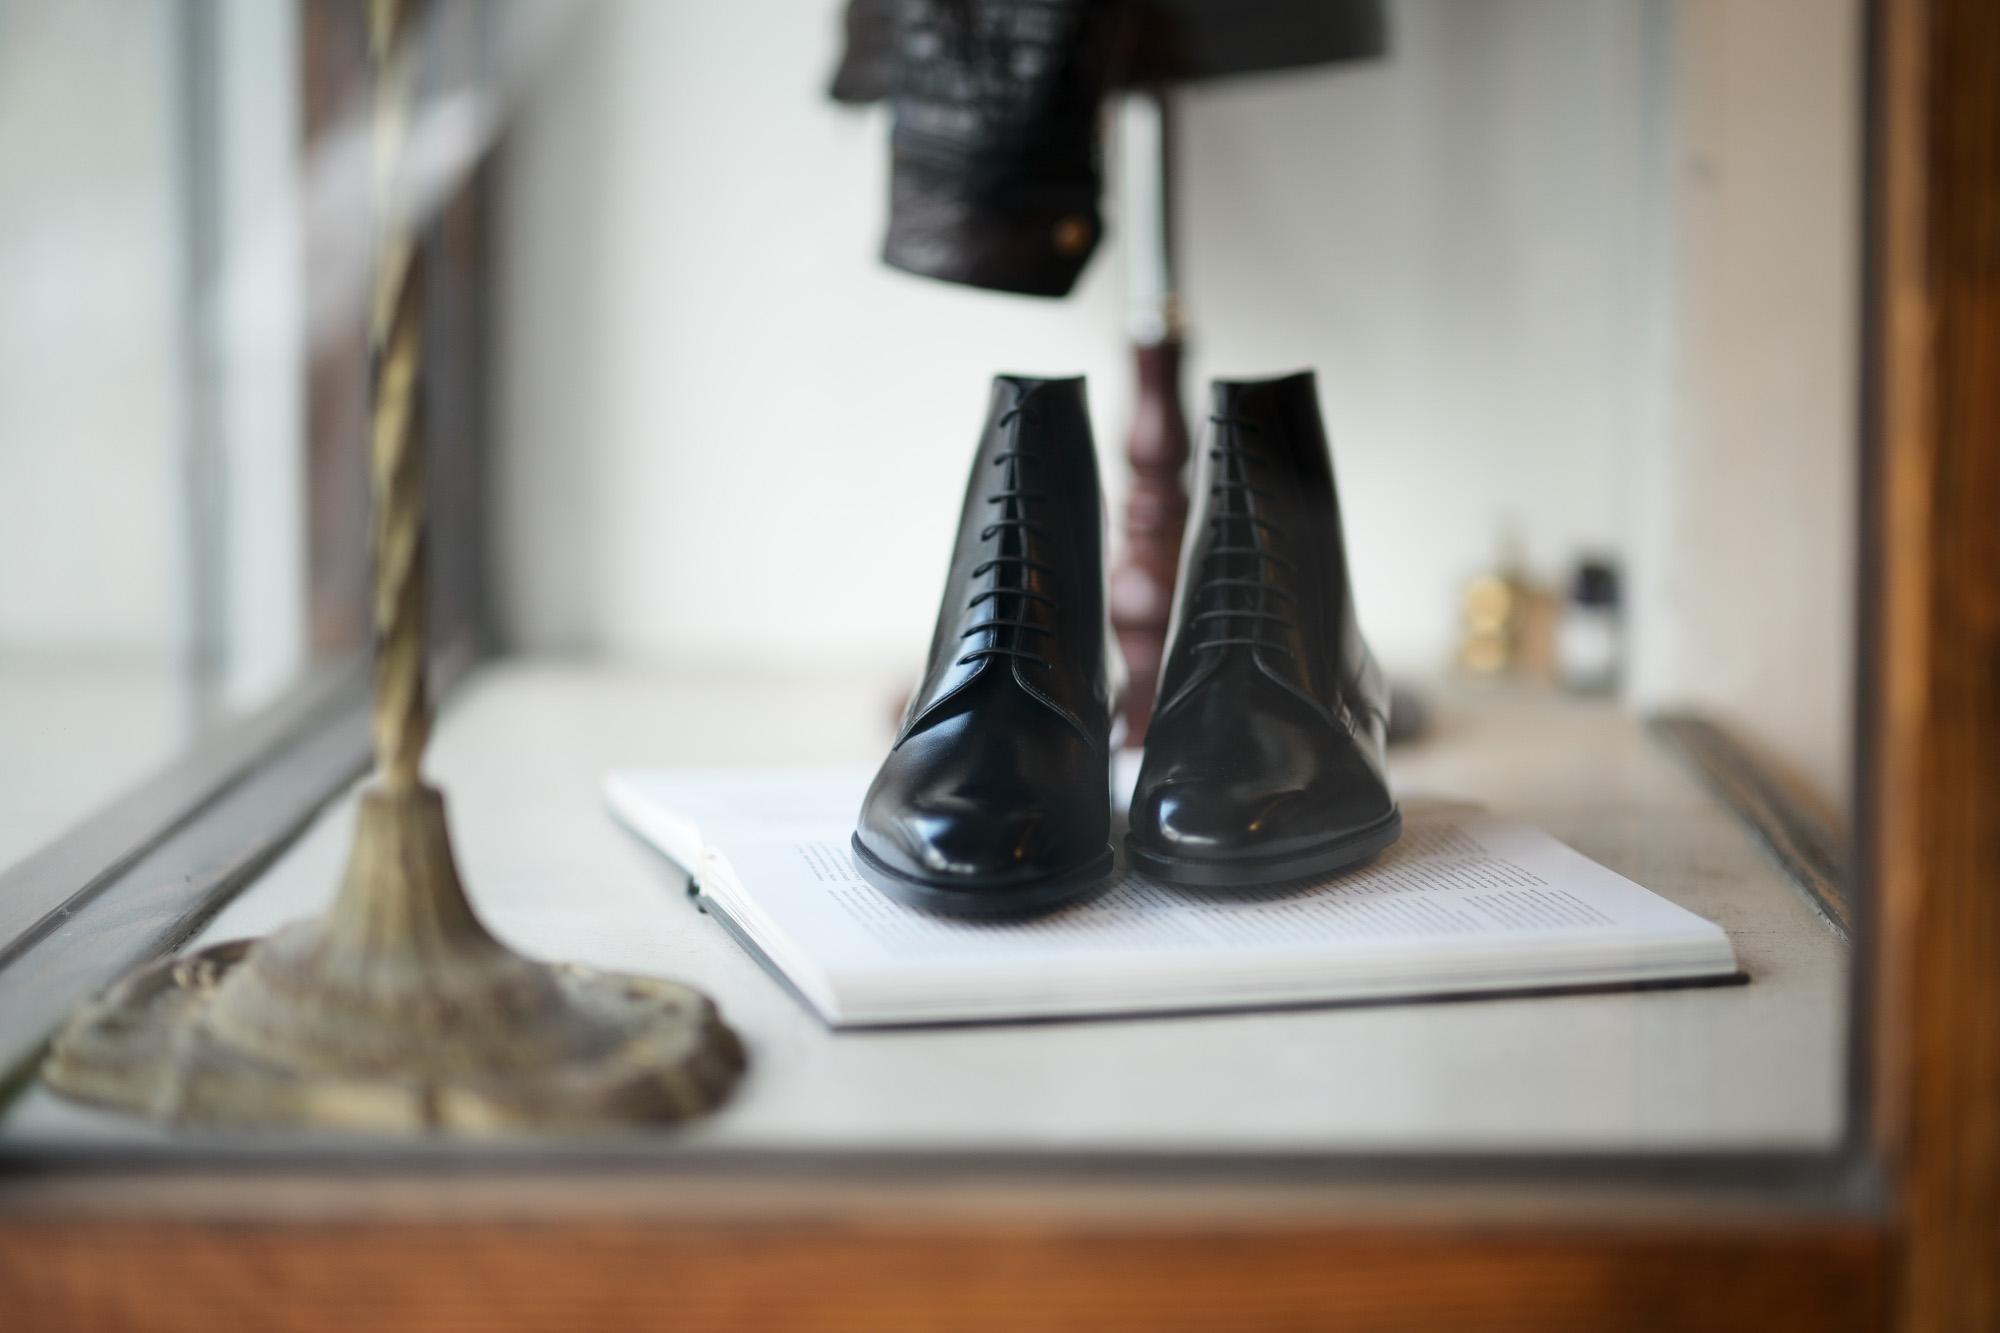 AUBERCY (オーベルシー) HUGH Lace up boots (ヒュー) Du Puy Vitello デュプイ社ボックスカーフ レースアップブーツ NERO (ブラック) made in italy (イタリア製) 2021 春夏 愛知 名古屋 Alto e Diritto altoediritto アルトエデリット ブーツ 編み上げブーツ ドレスブーツ